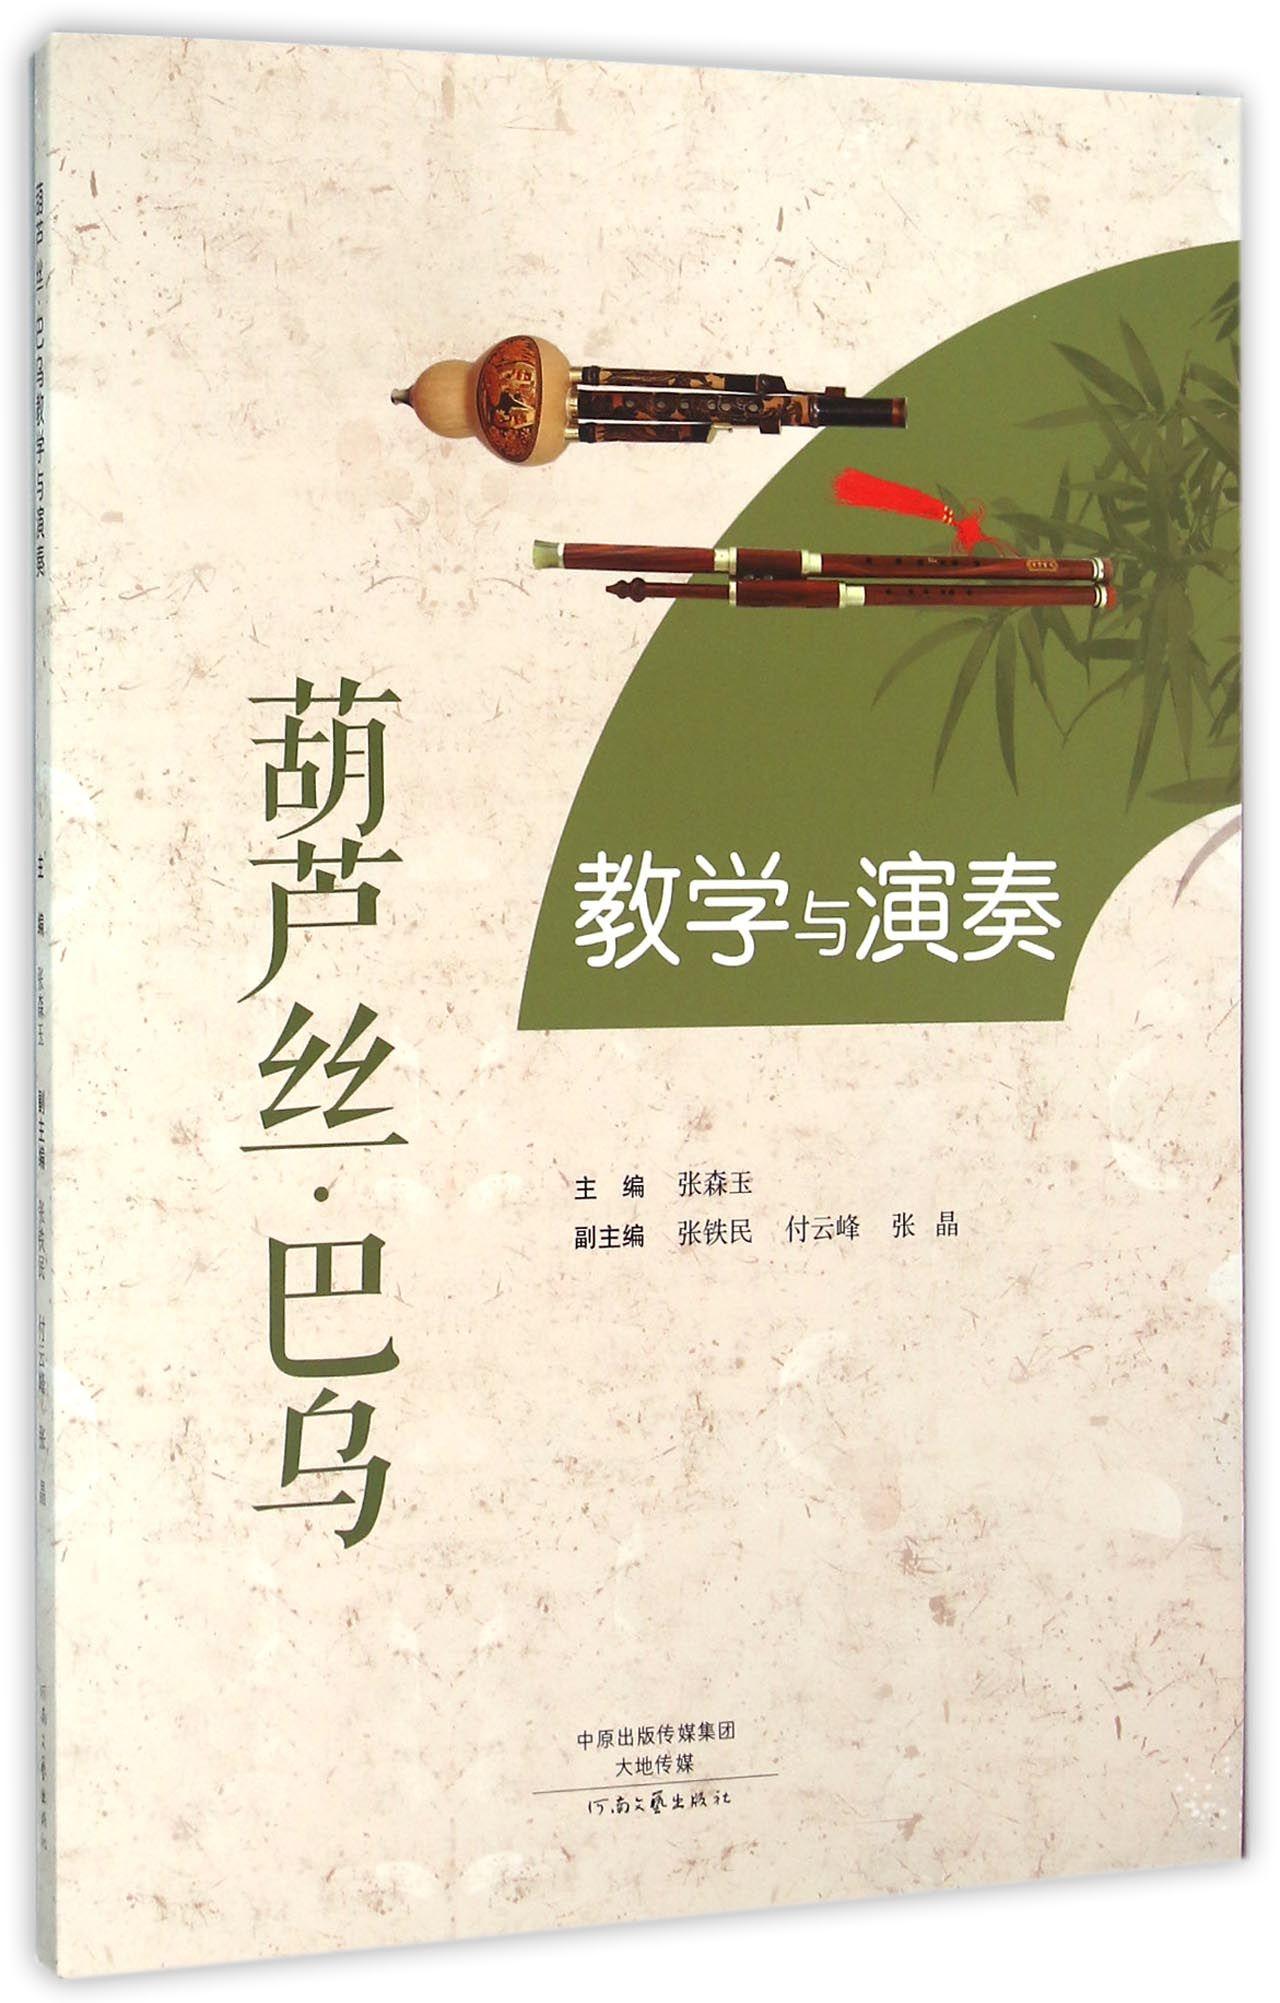 竹楼情歌葫芦丝曲谱李春华展示